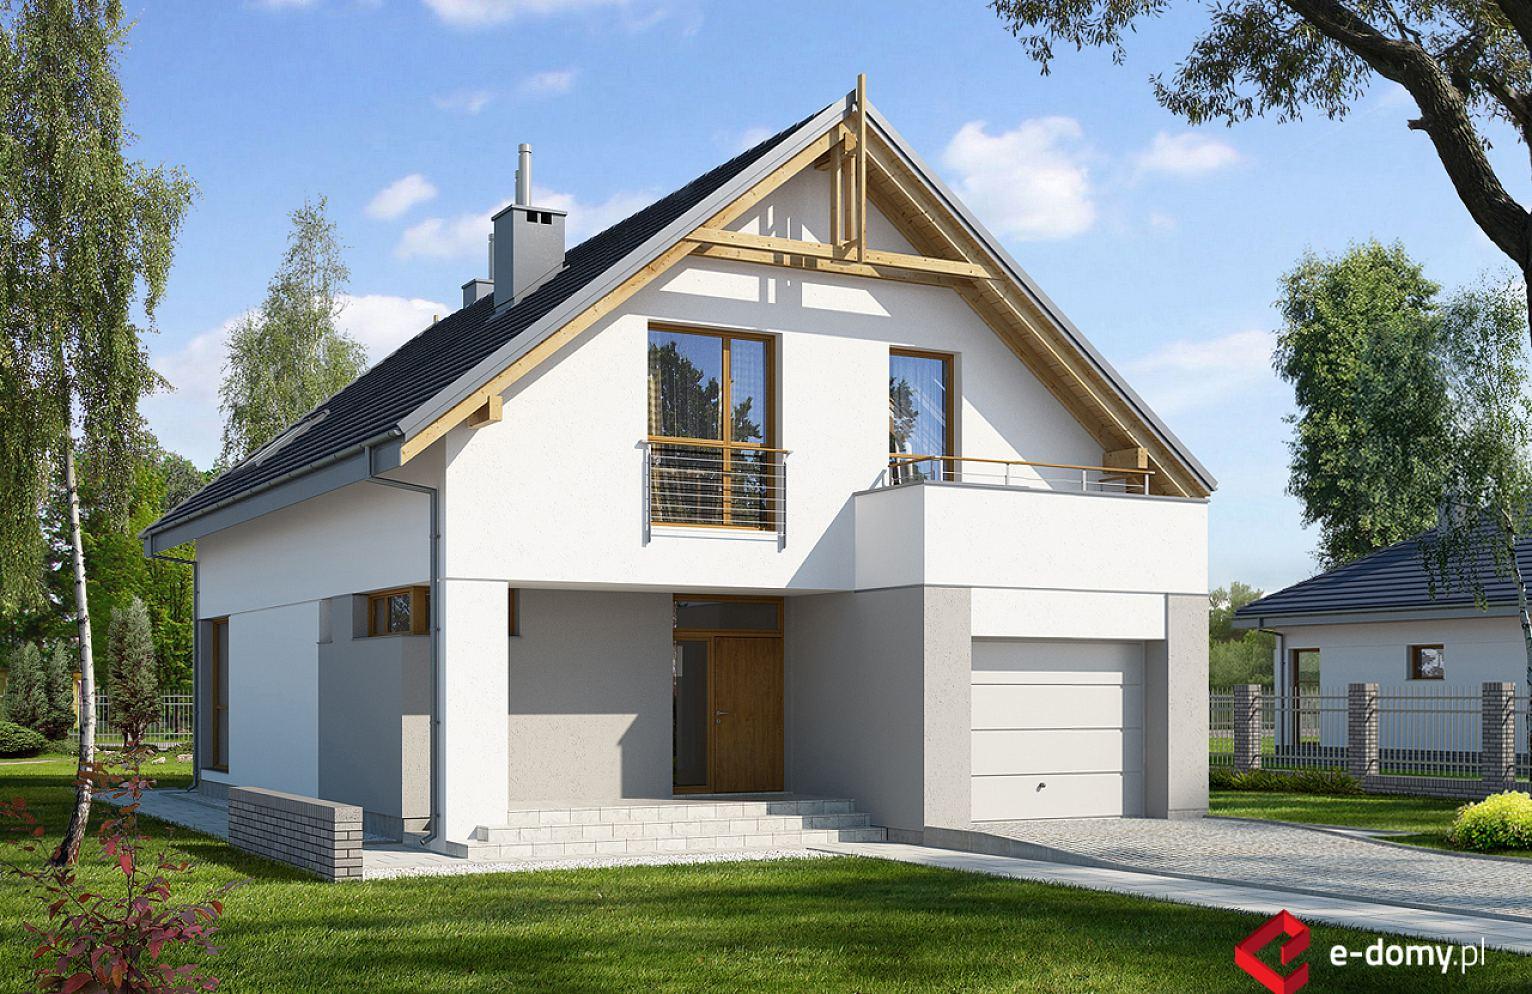 E 107 Mały Dom Na Wąską Działkę E Domypl Projekty Domów